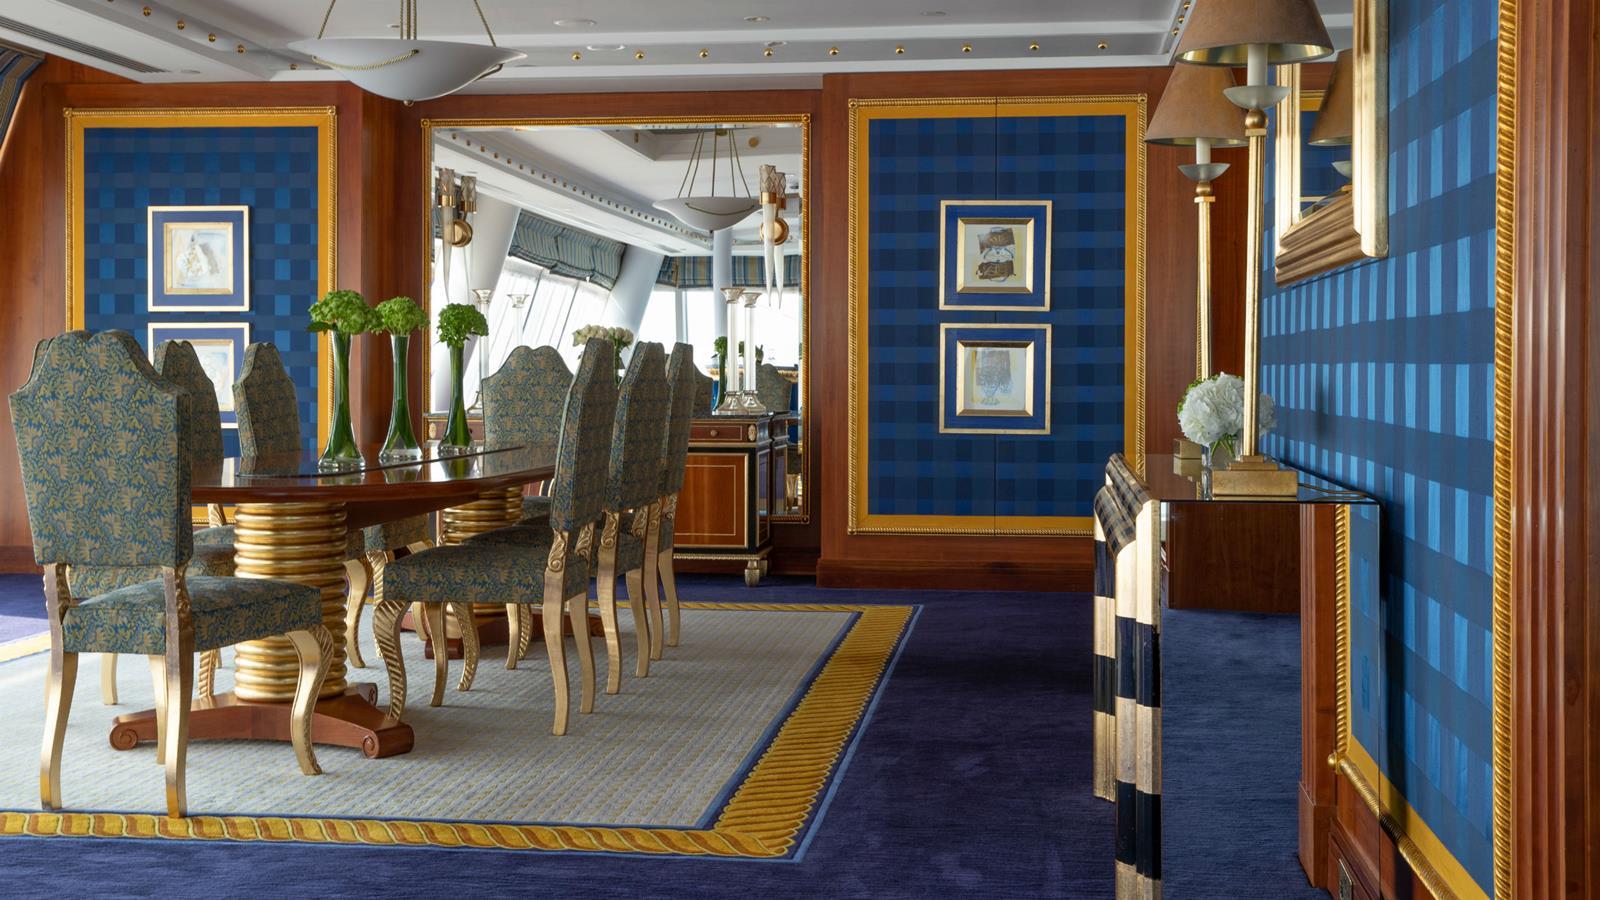 burj-al-arab-diplomatic-three-bedroom-suite-dining-room-hero.jpg